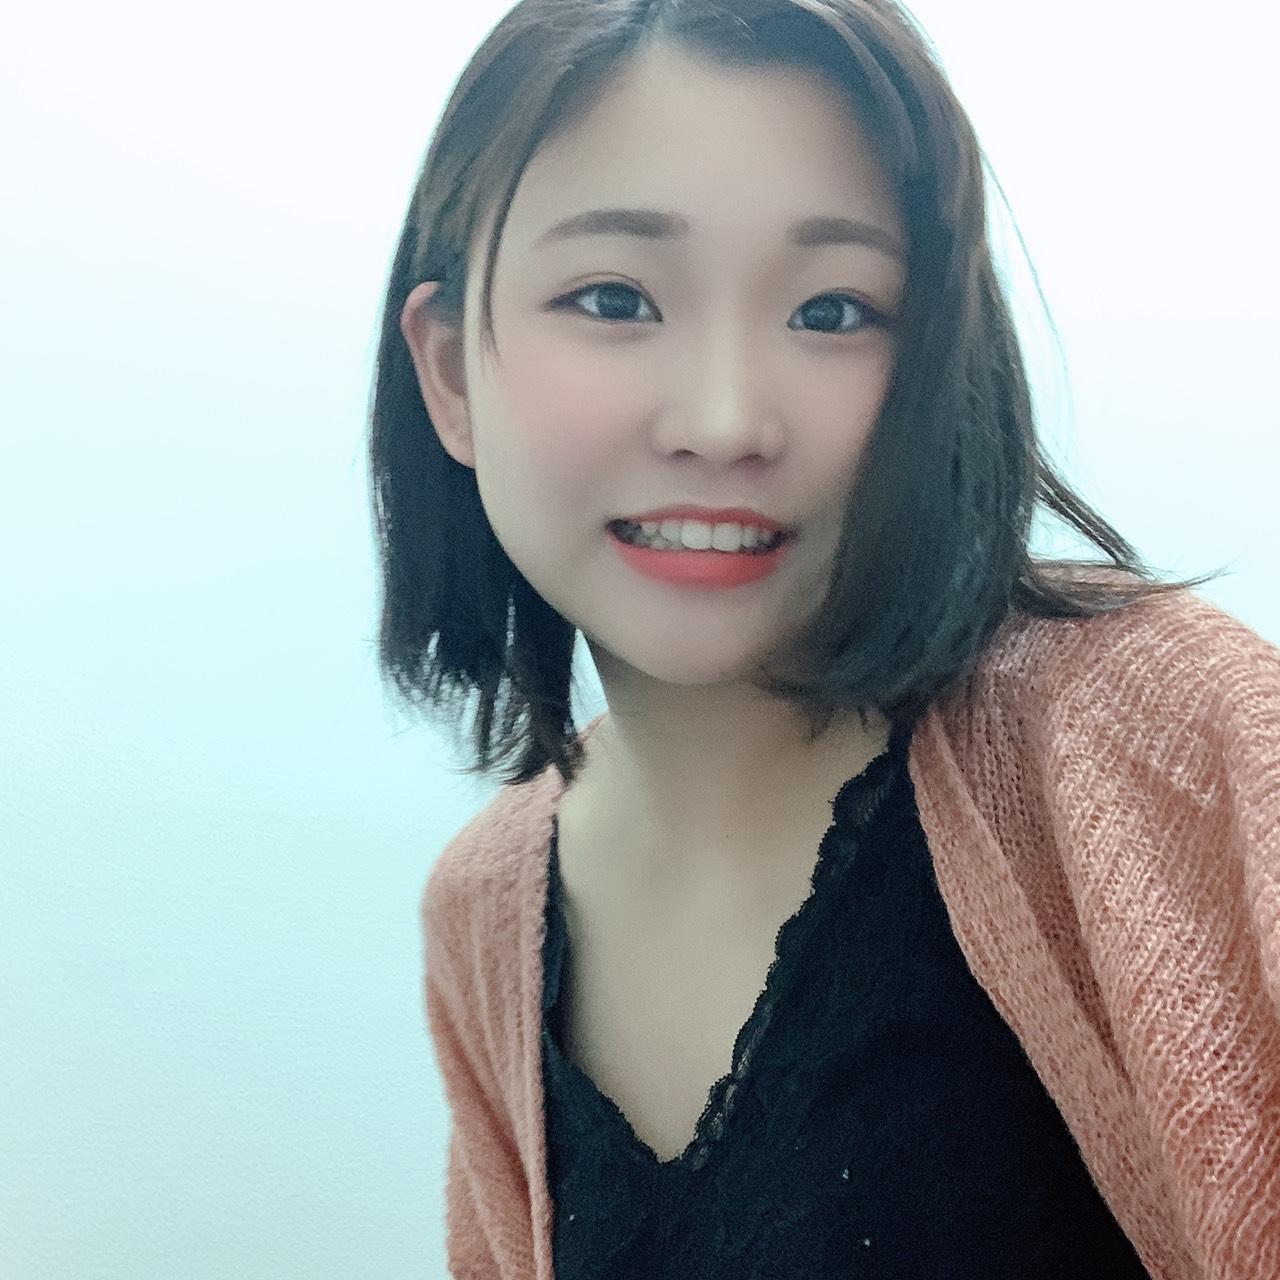 有里未来モデル撮影会